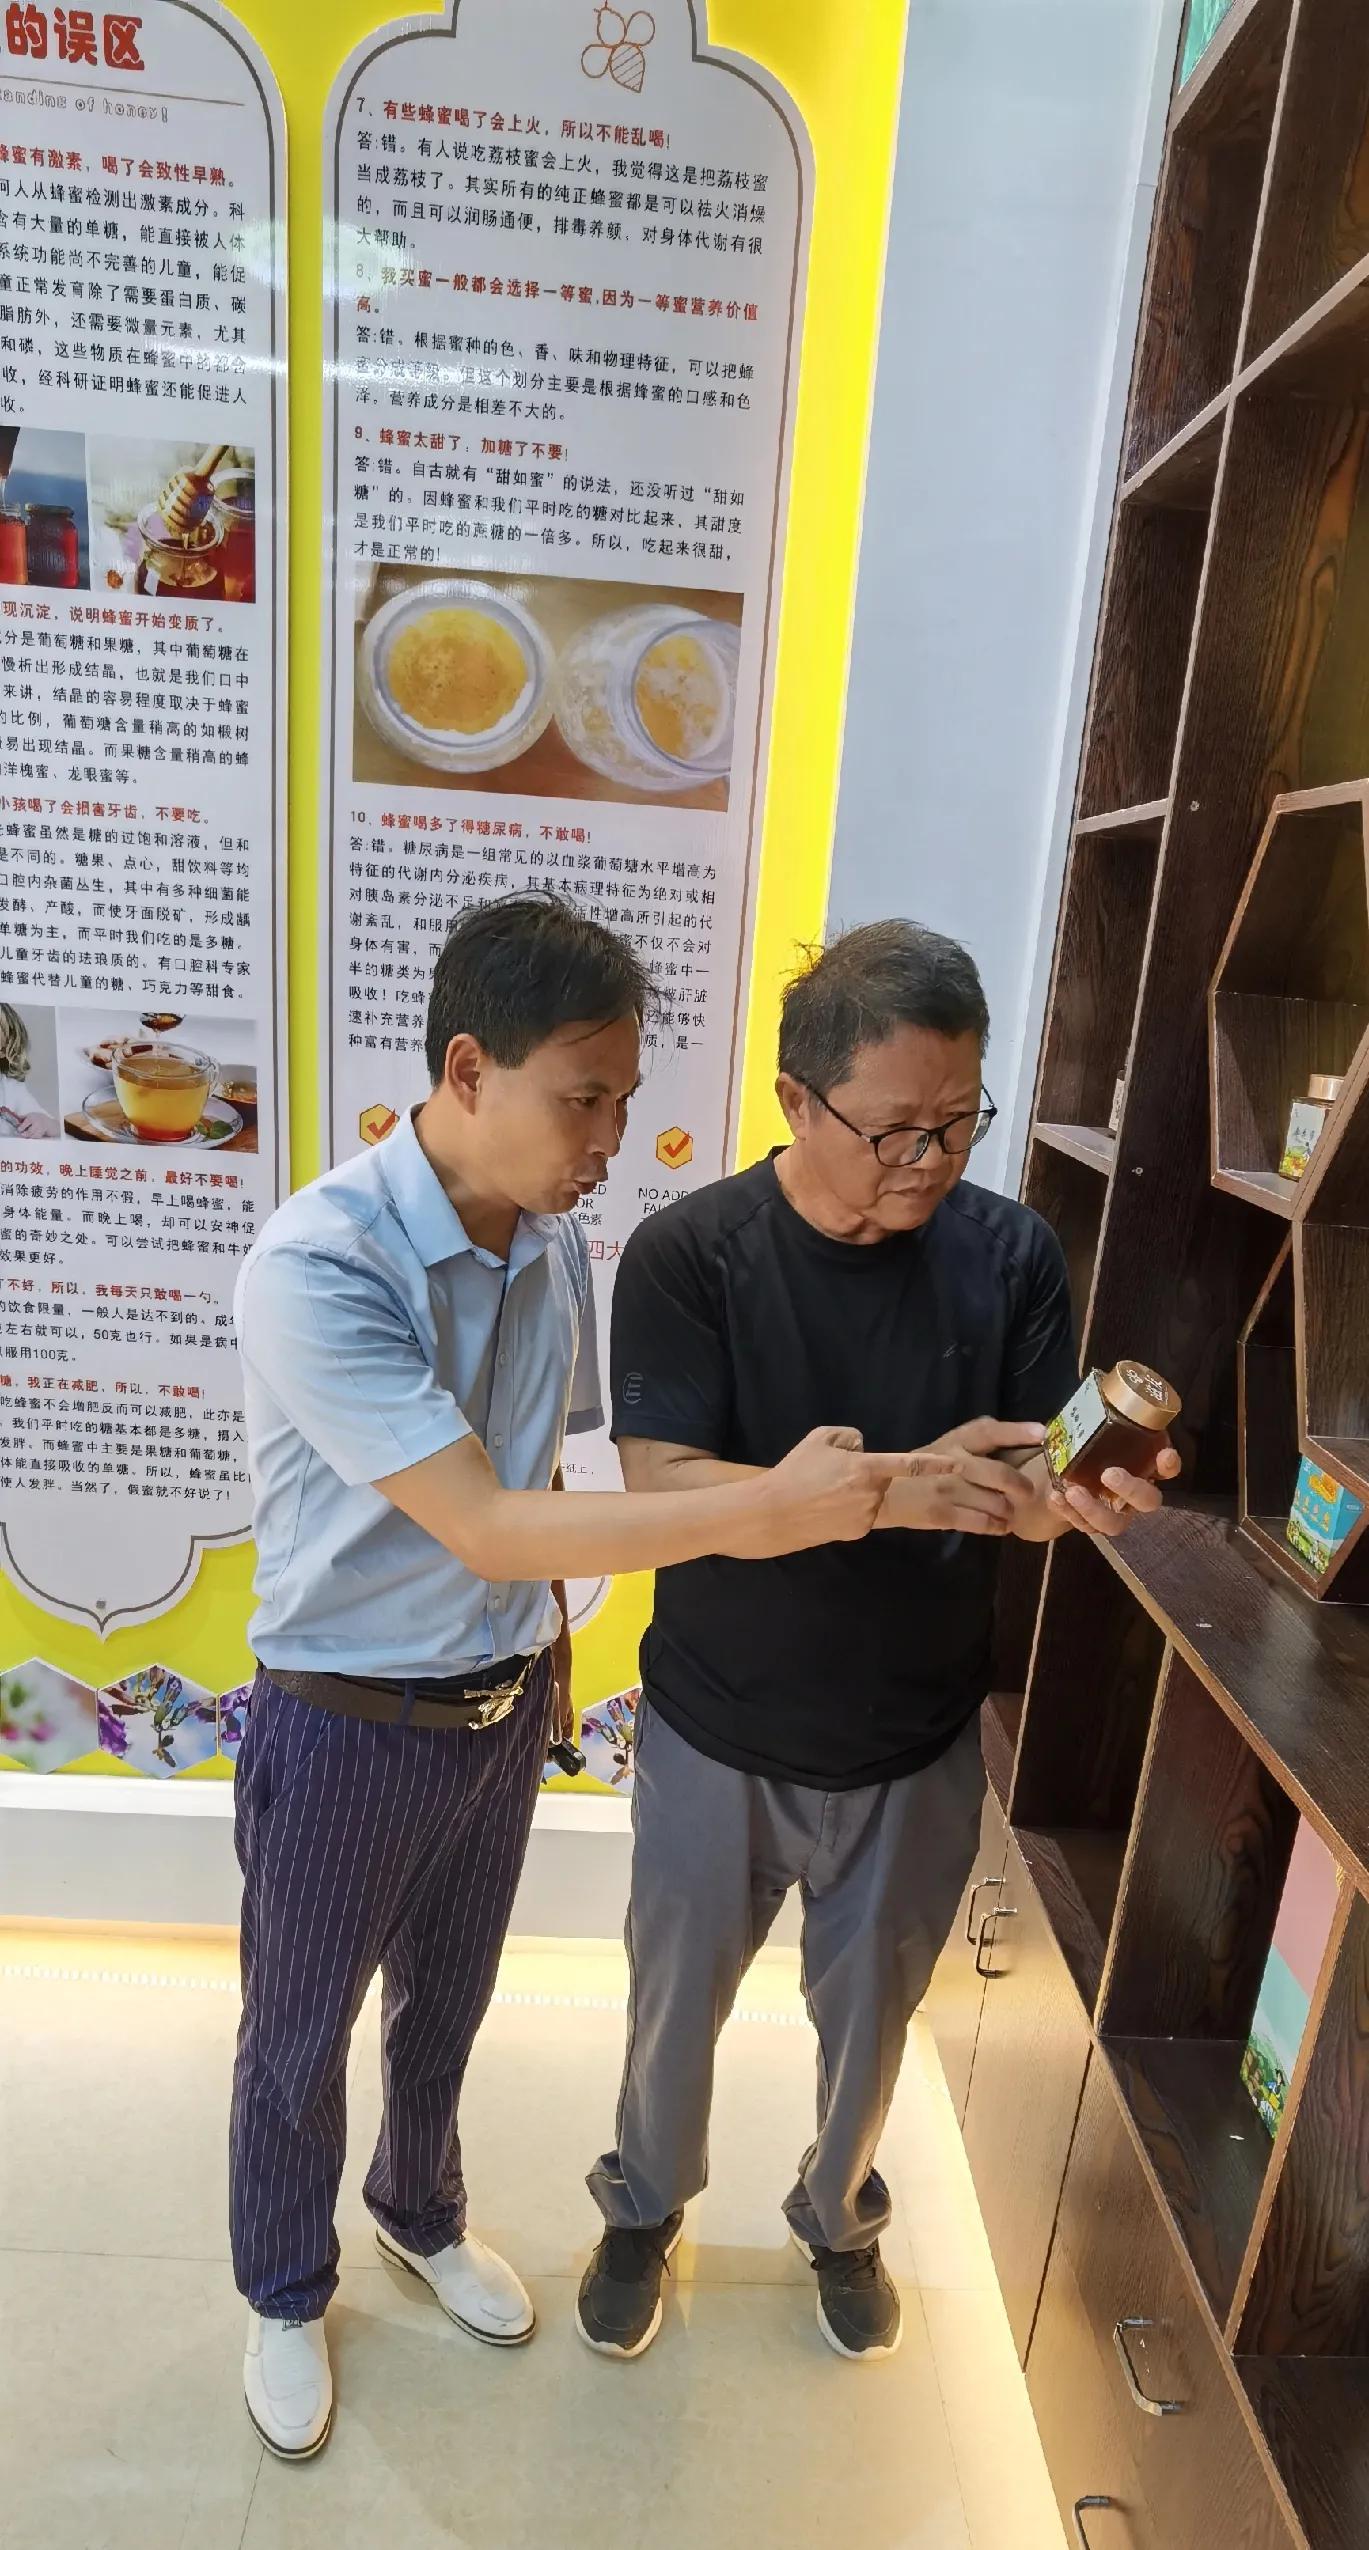 谢明山: 在乡村振兴中率领农民养蜂 让更多家庭过上甜蜜生活